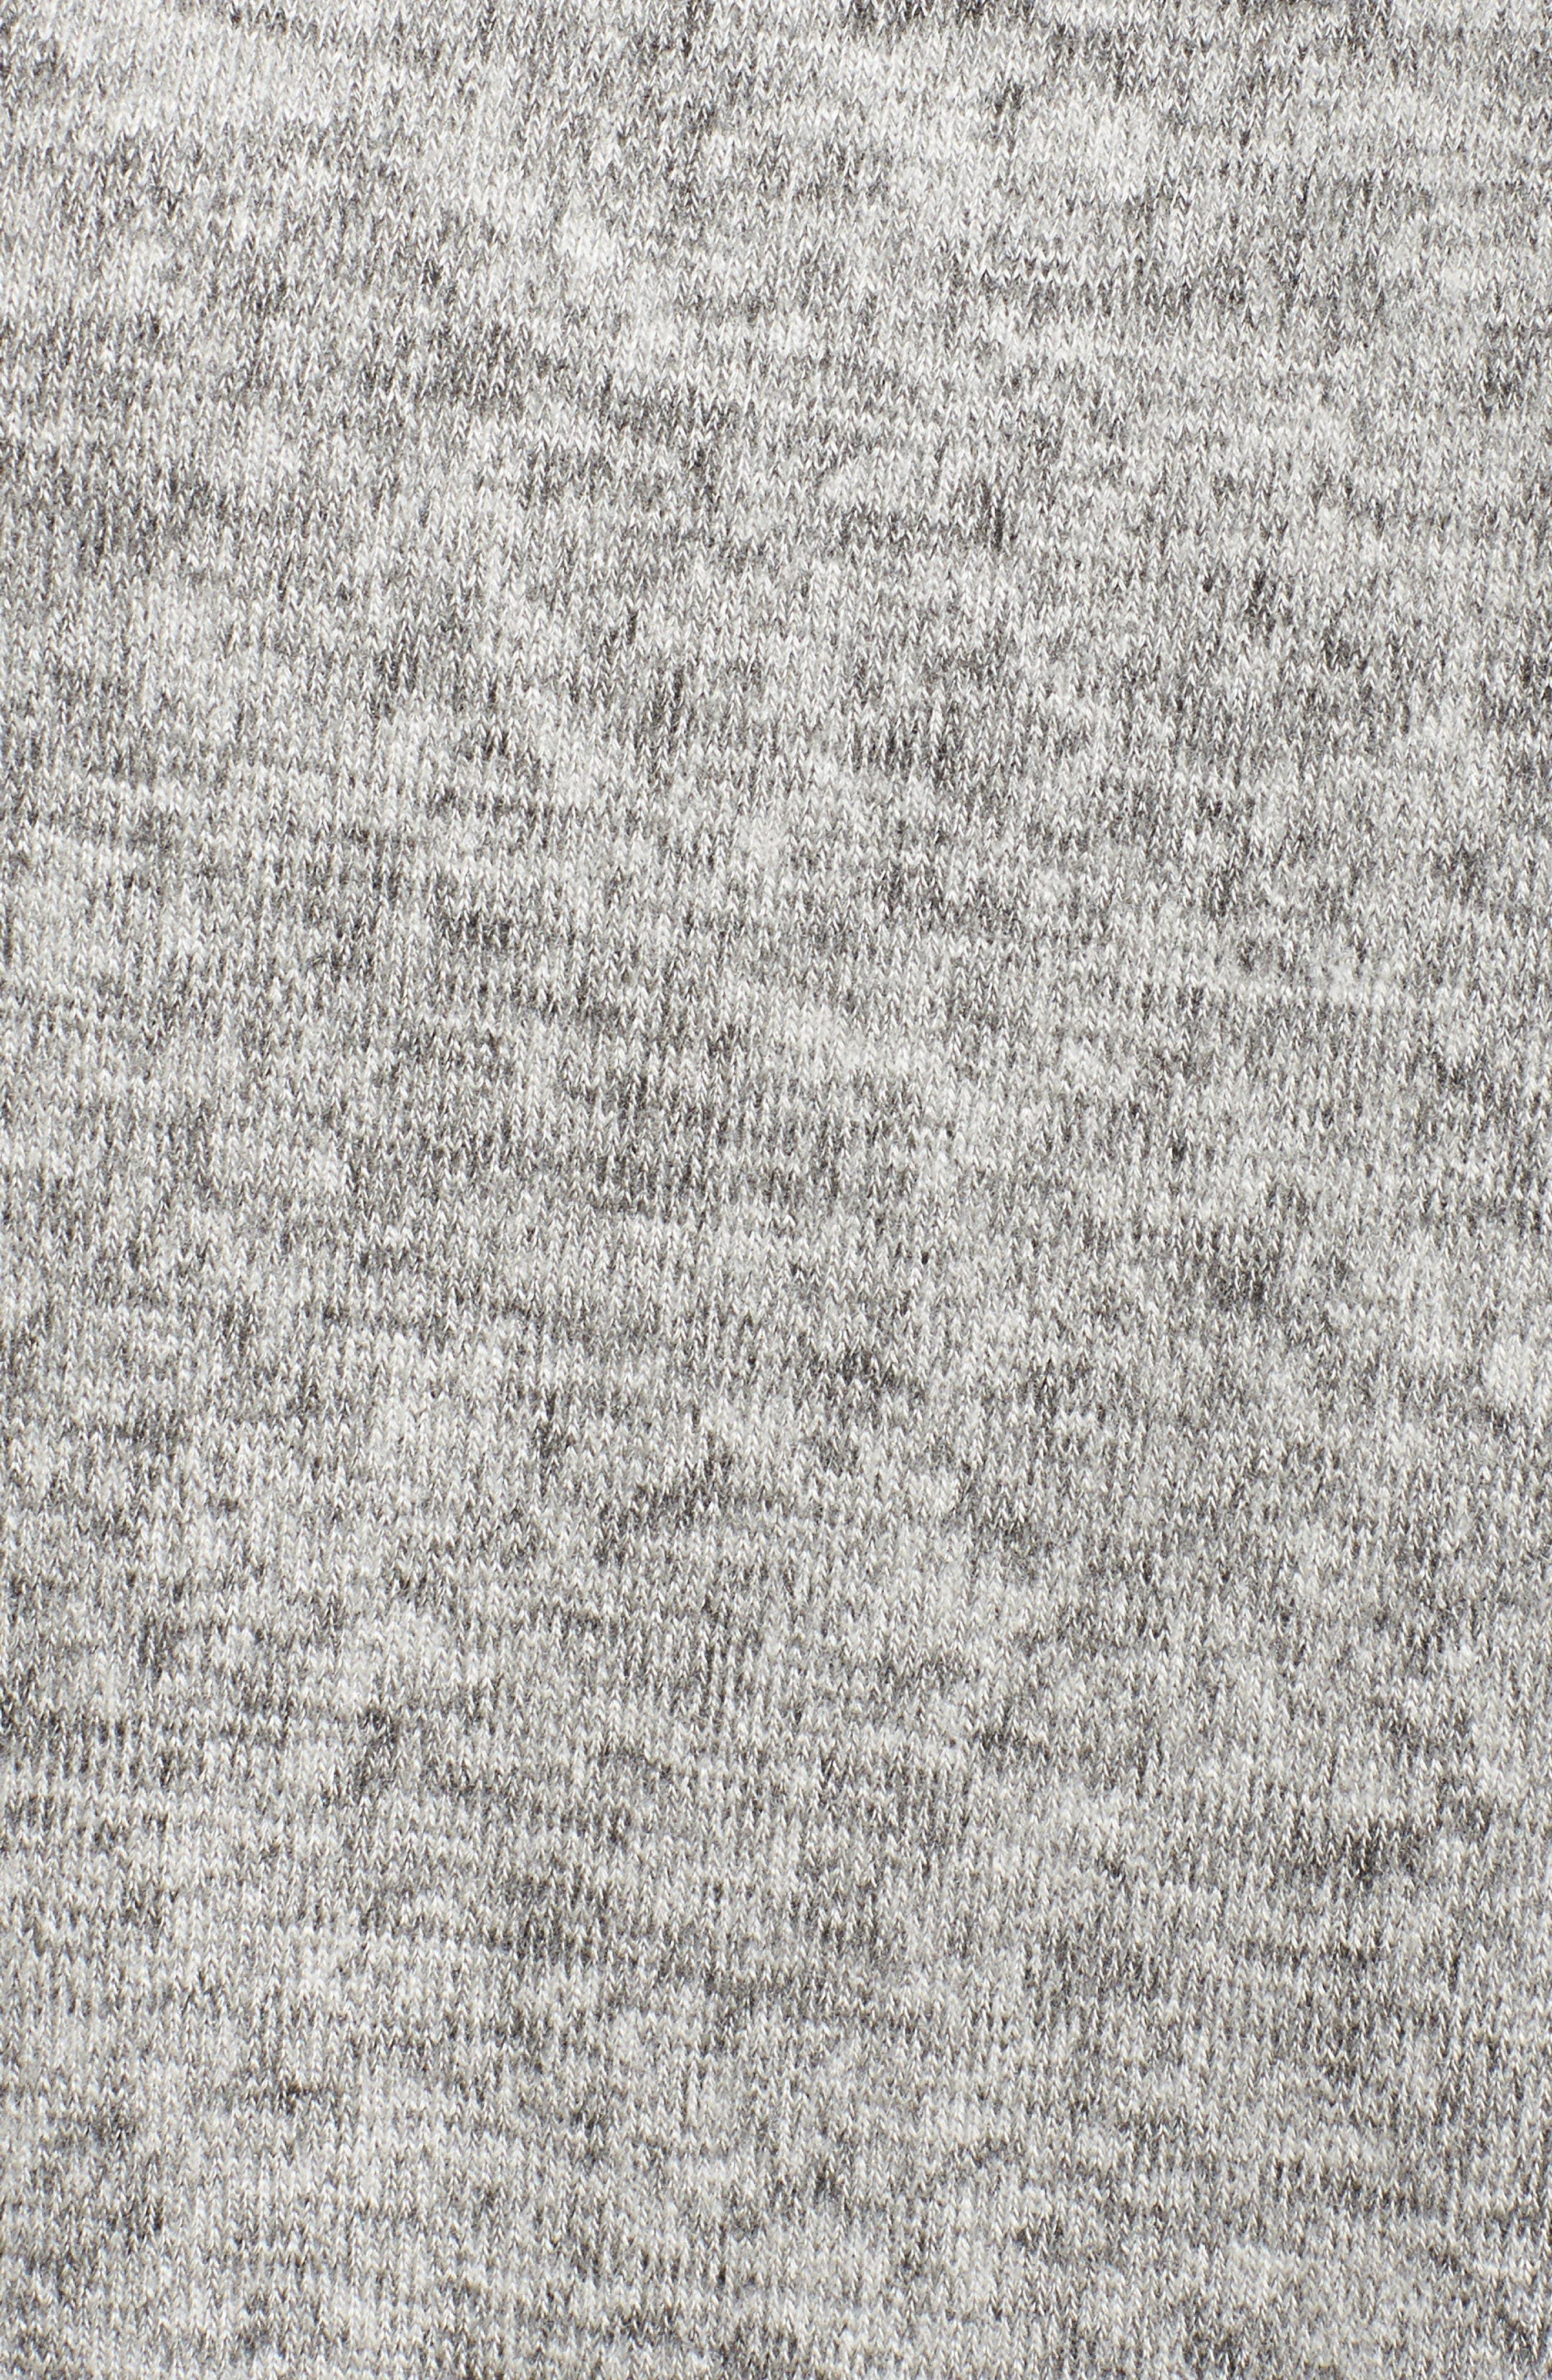 Brushed Smocked Sweatshirt,                             Alternate thumbnail 5, color,                             Grey Heather